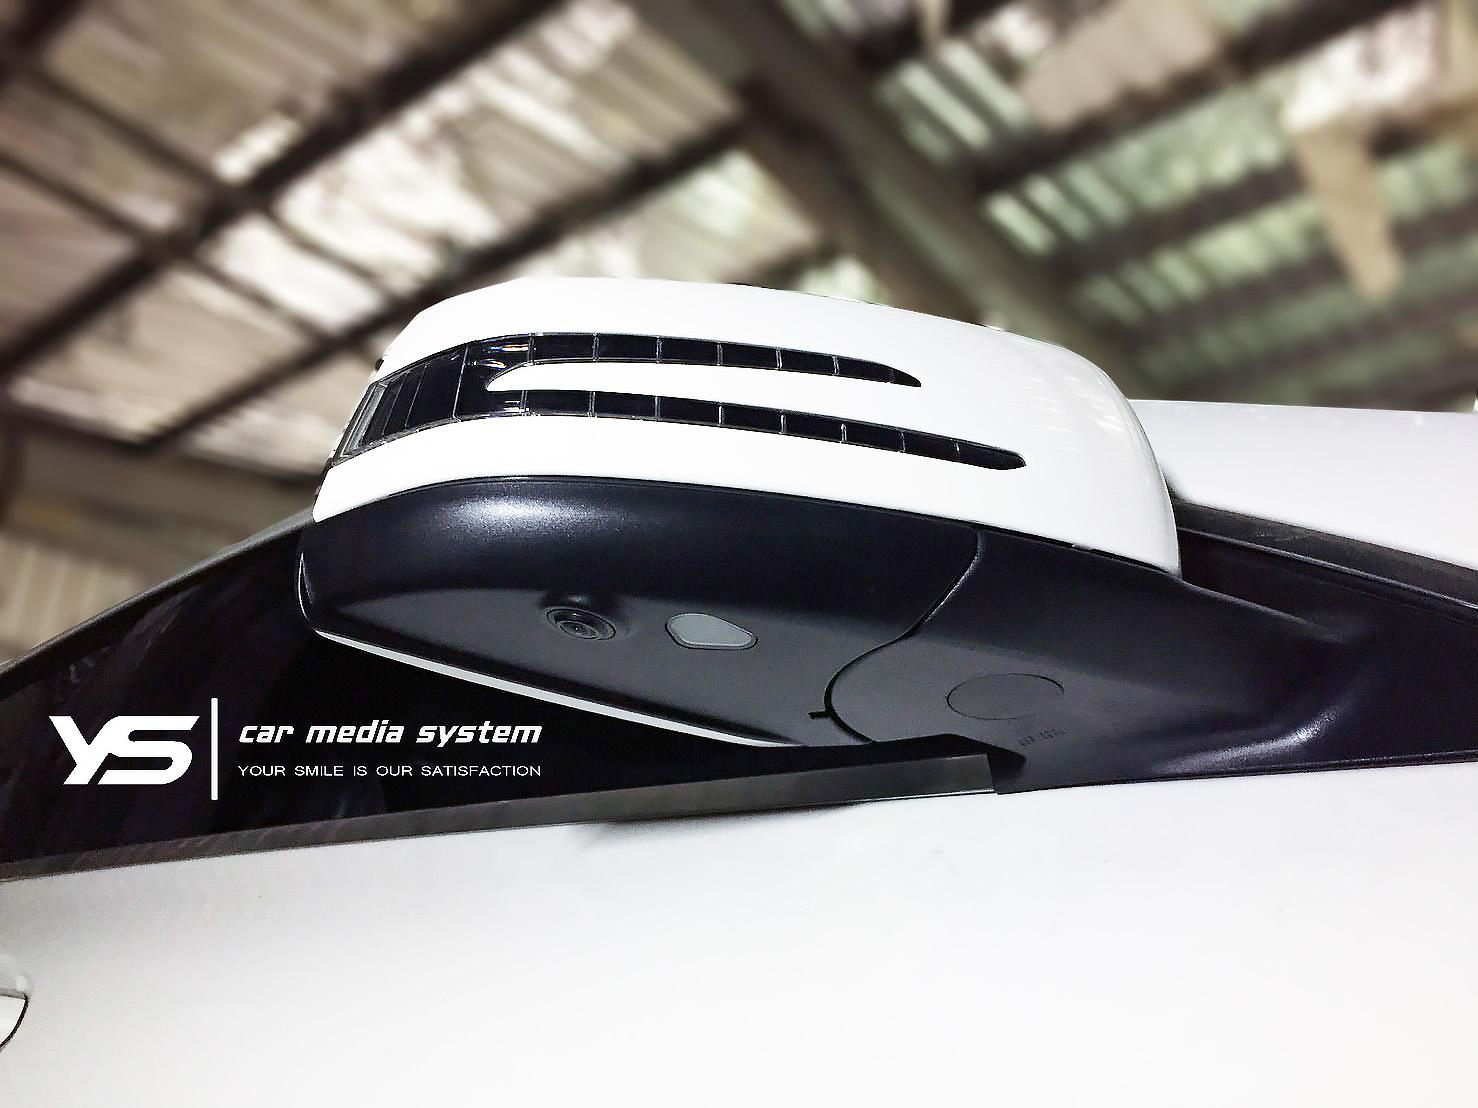 360度環景安全輔助系統(右鏡頭)